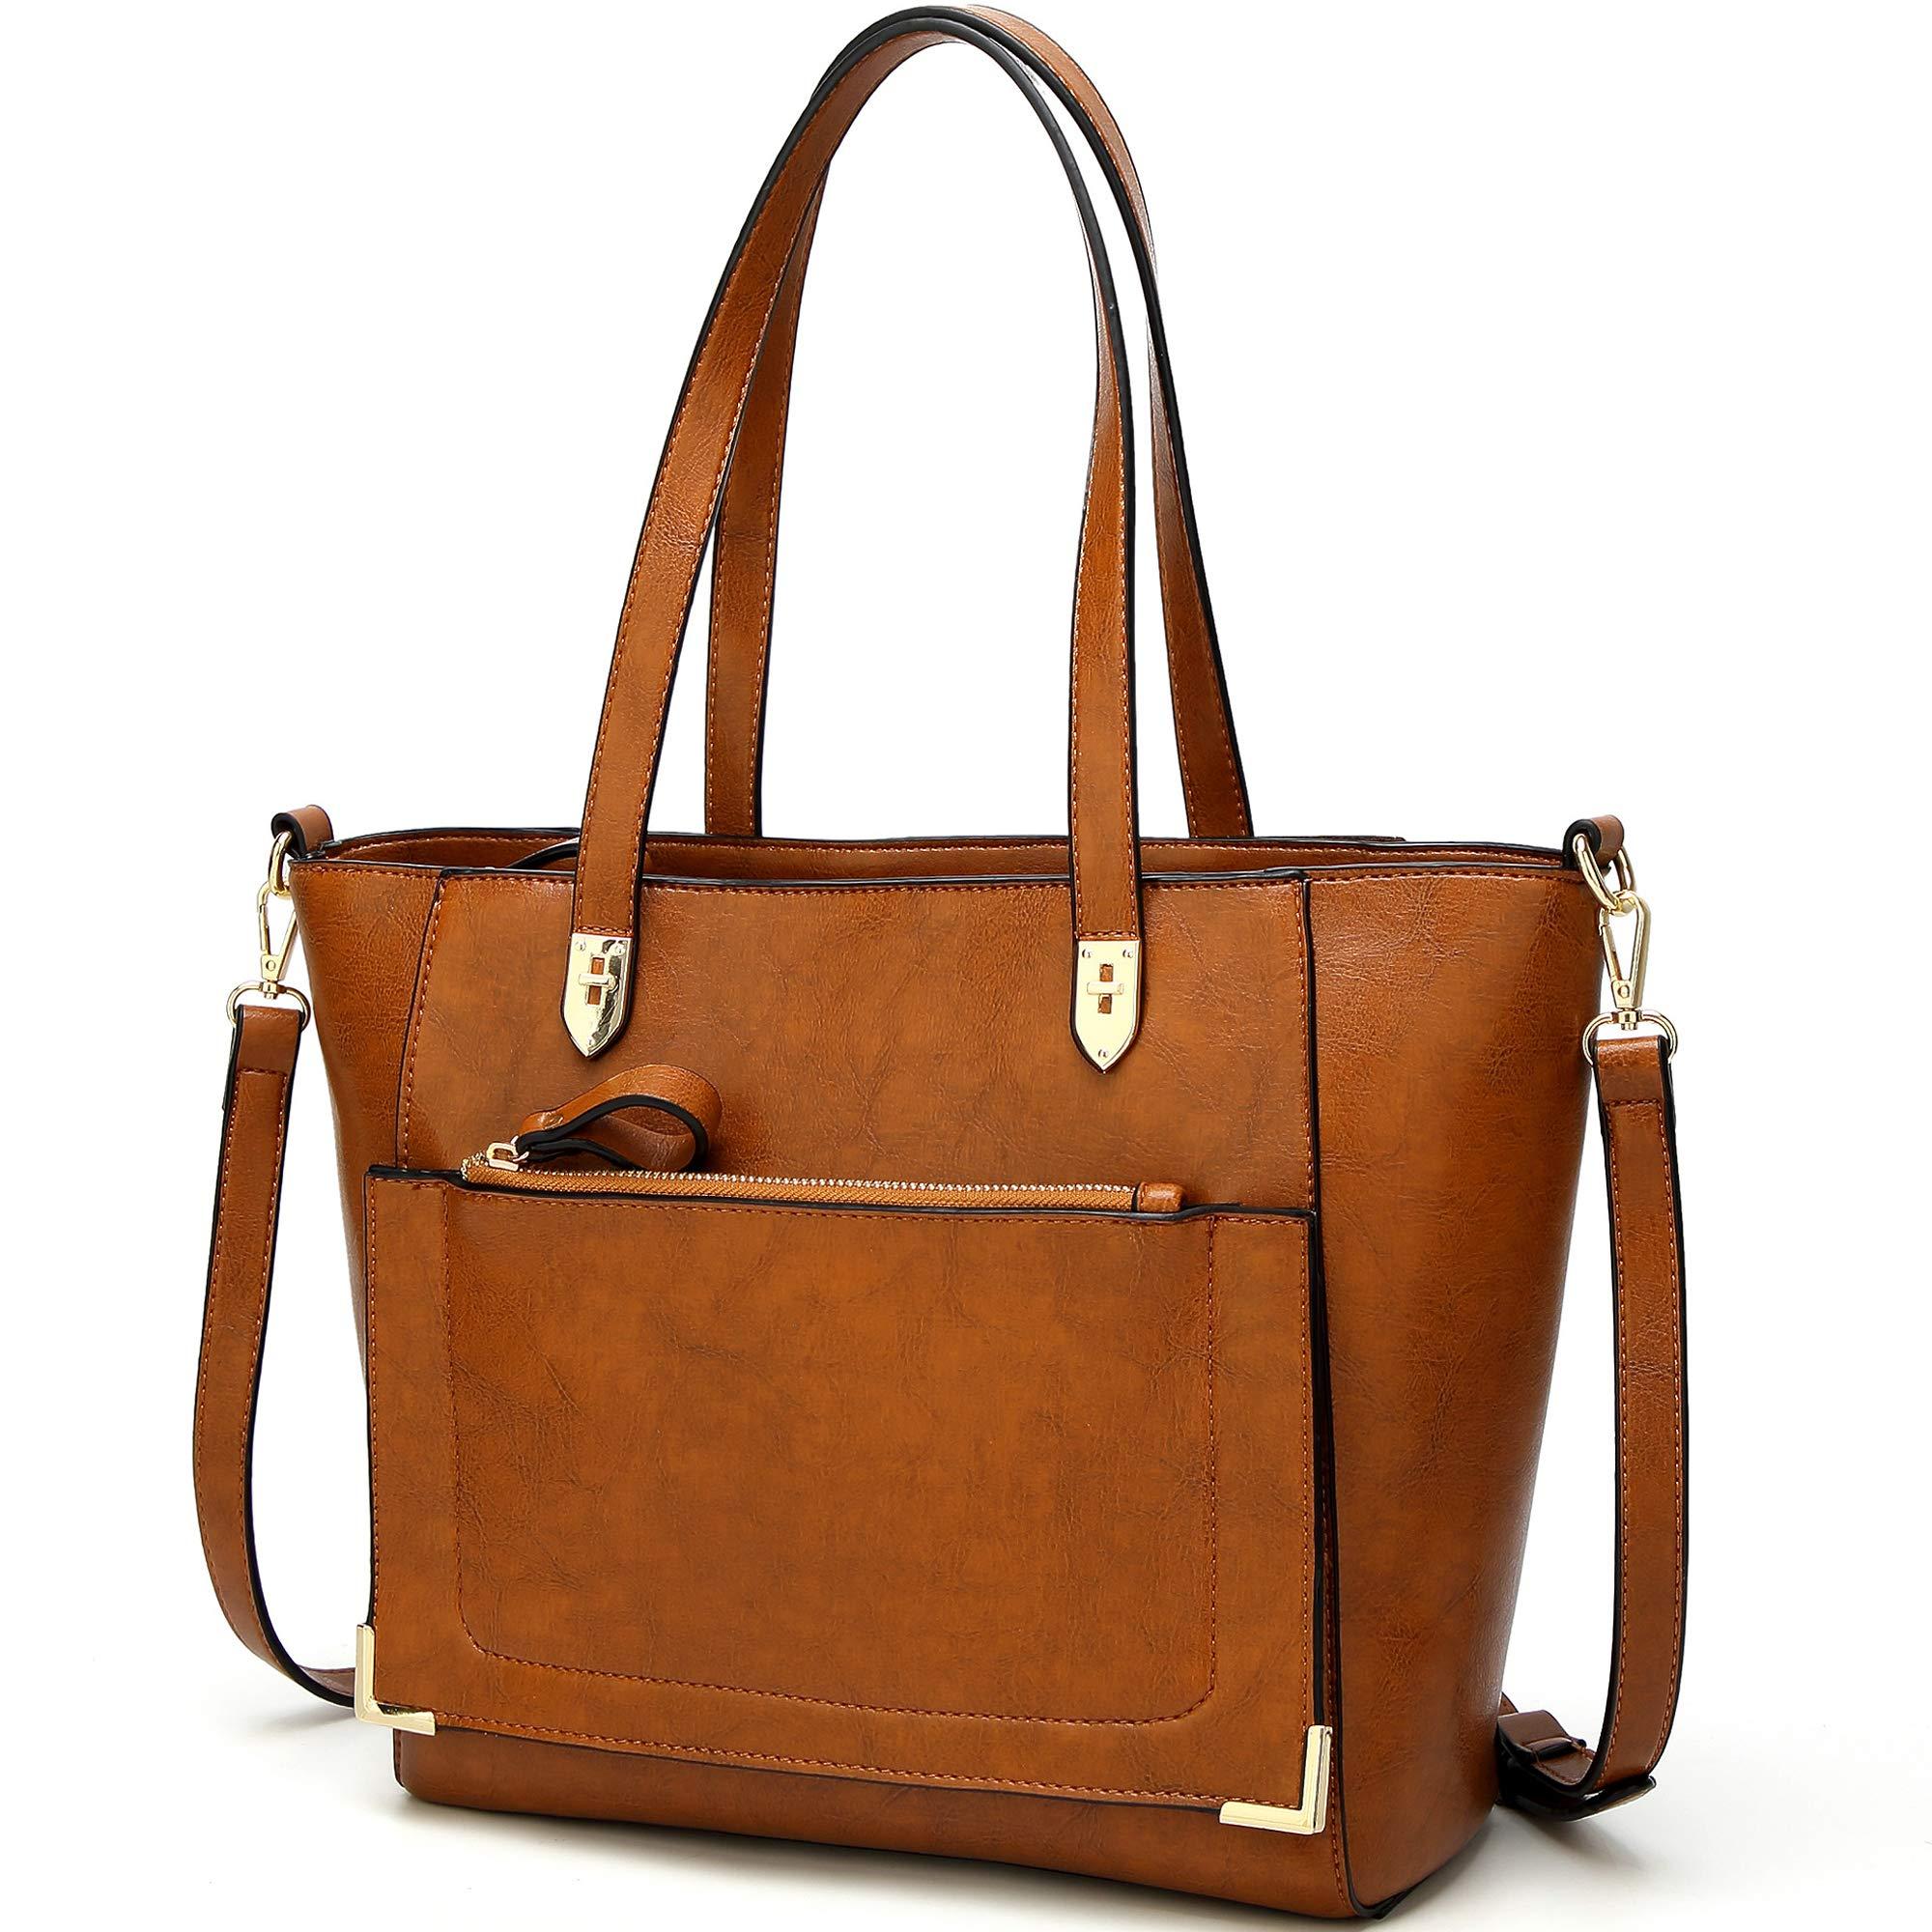 YNIQUE Women Top Handle Handbags Satchel Purse Tote Bag Shoulder Bag, Brown, Medium